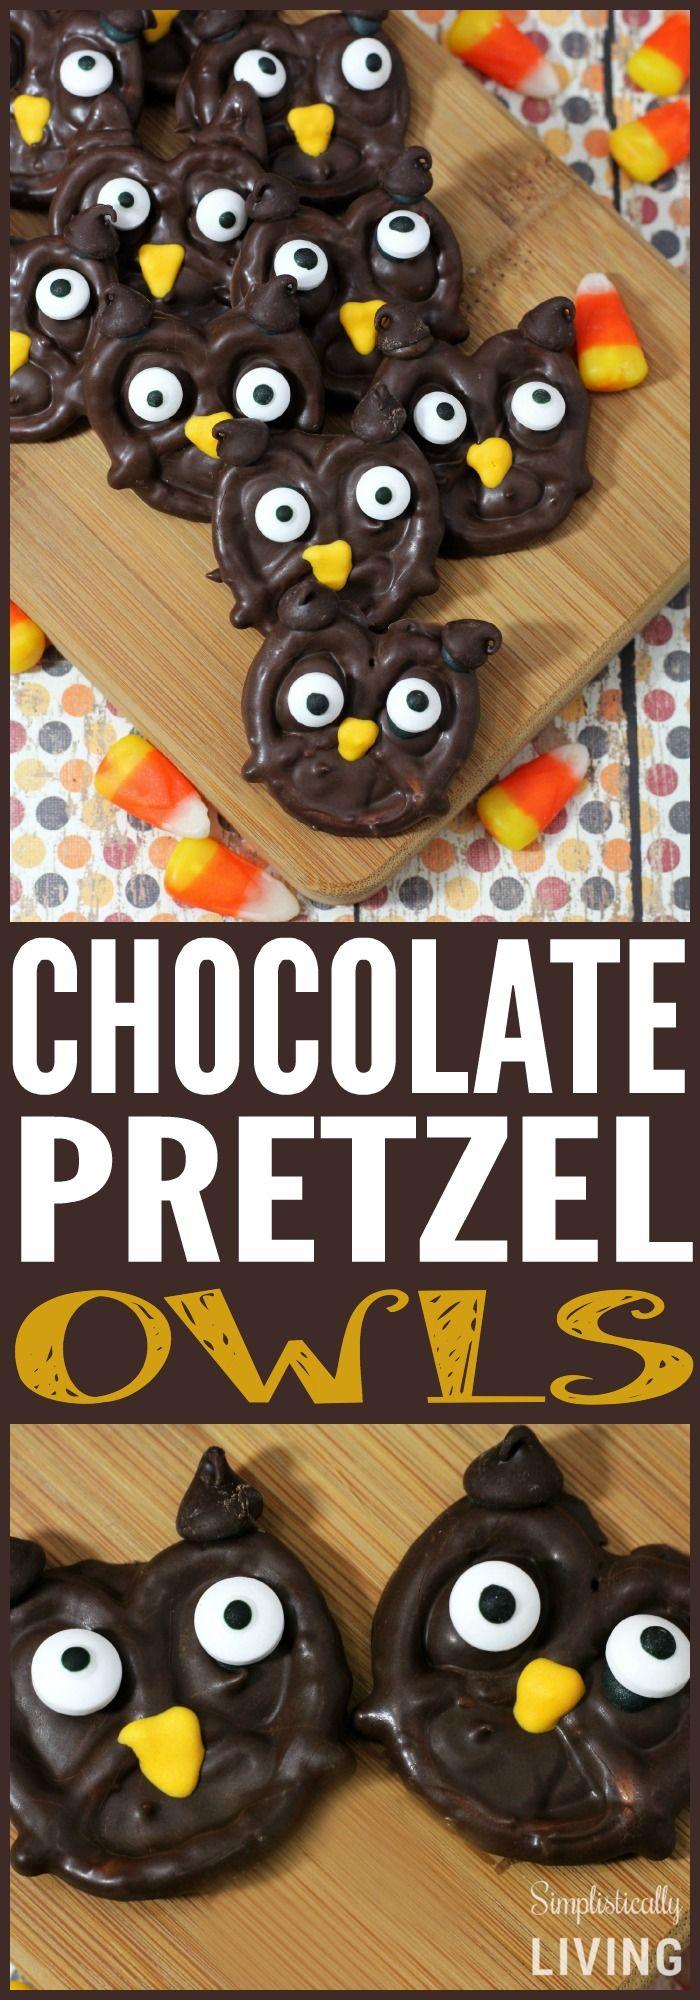 Chocolate Pretzel Owls Simplistically Living